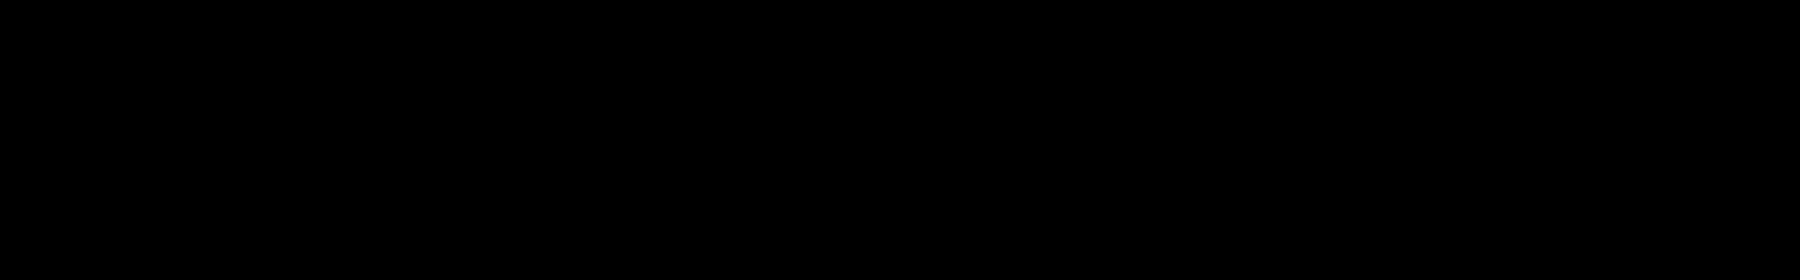 Cappucino Break audio waveform